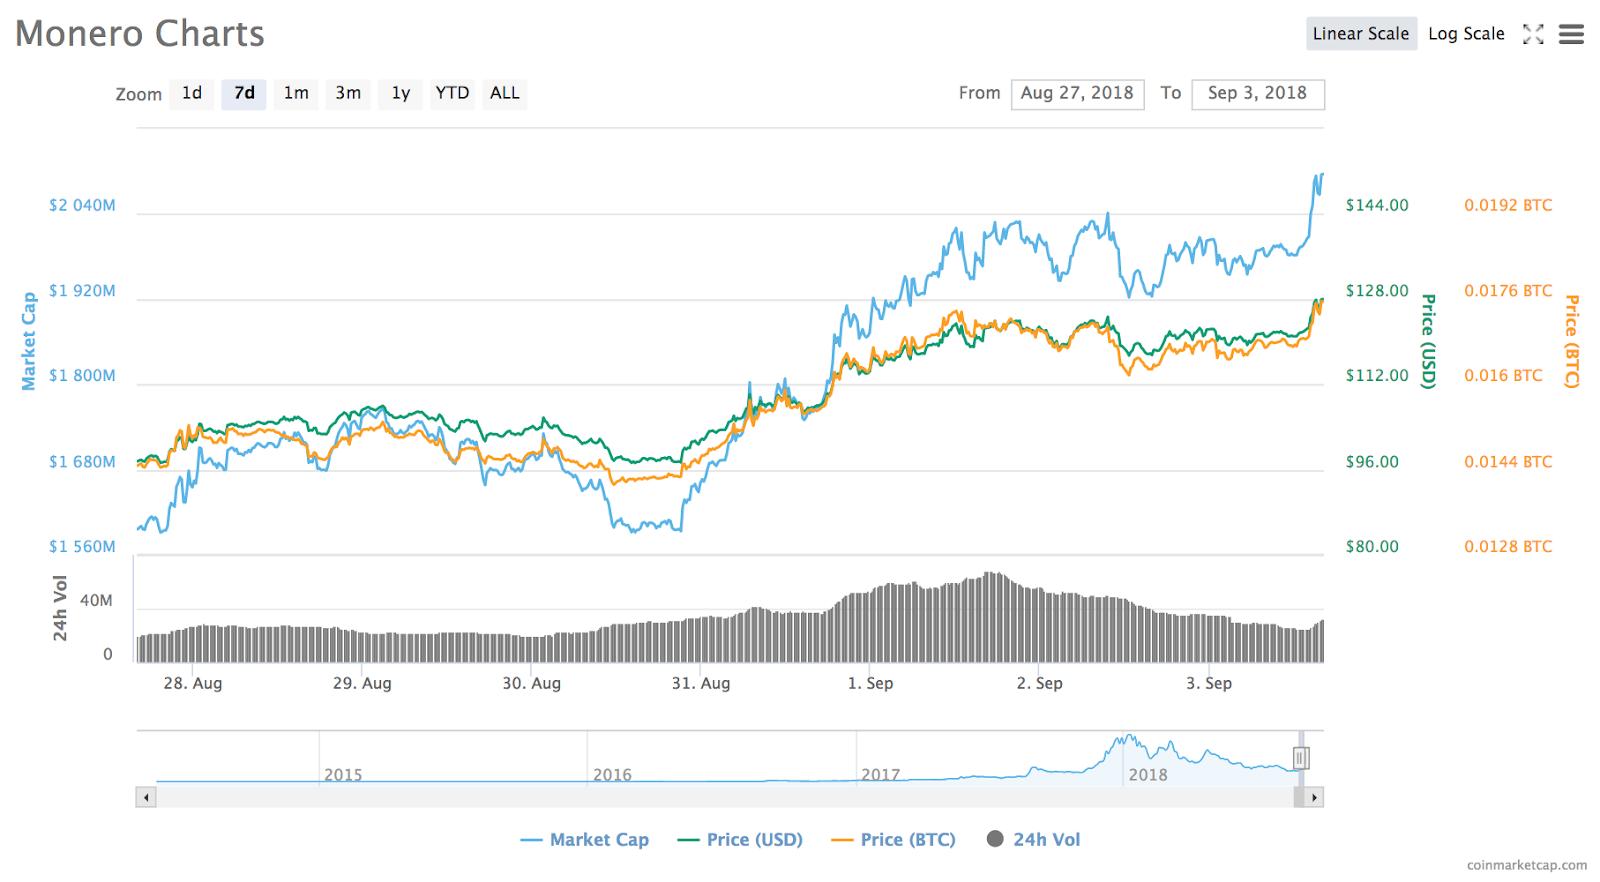 Gráfico de preço do Monero de 7 dias